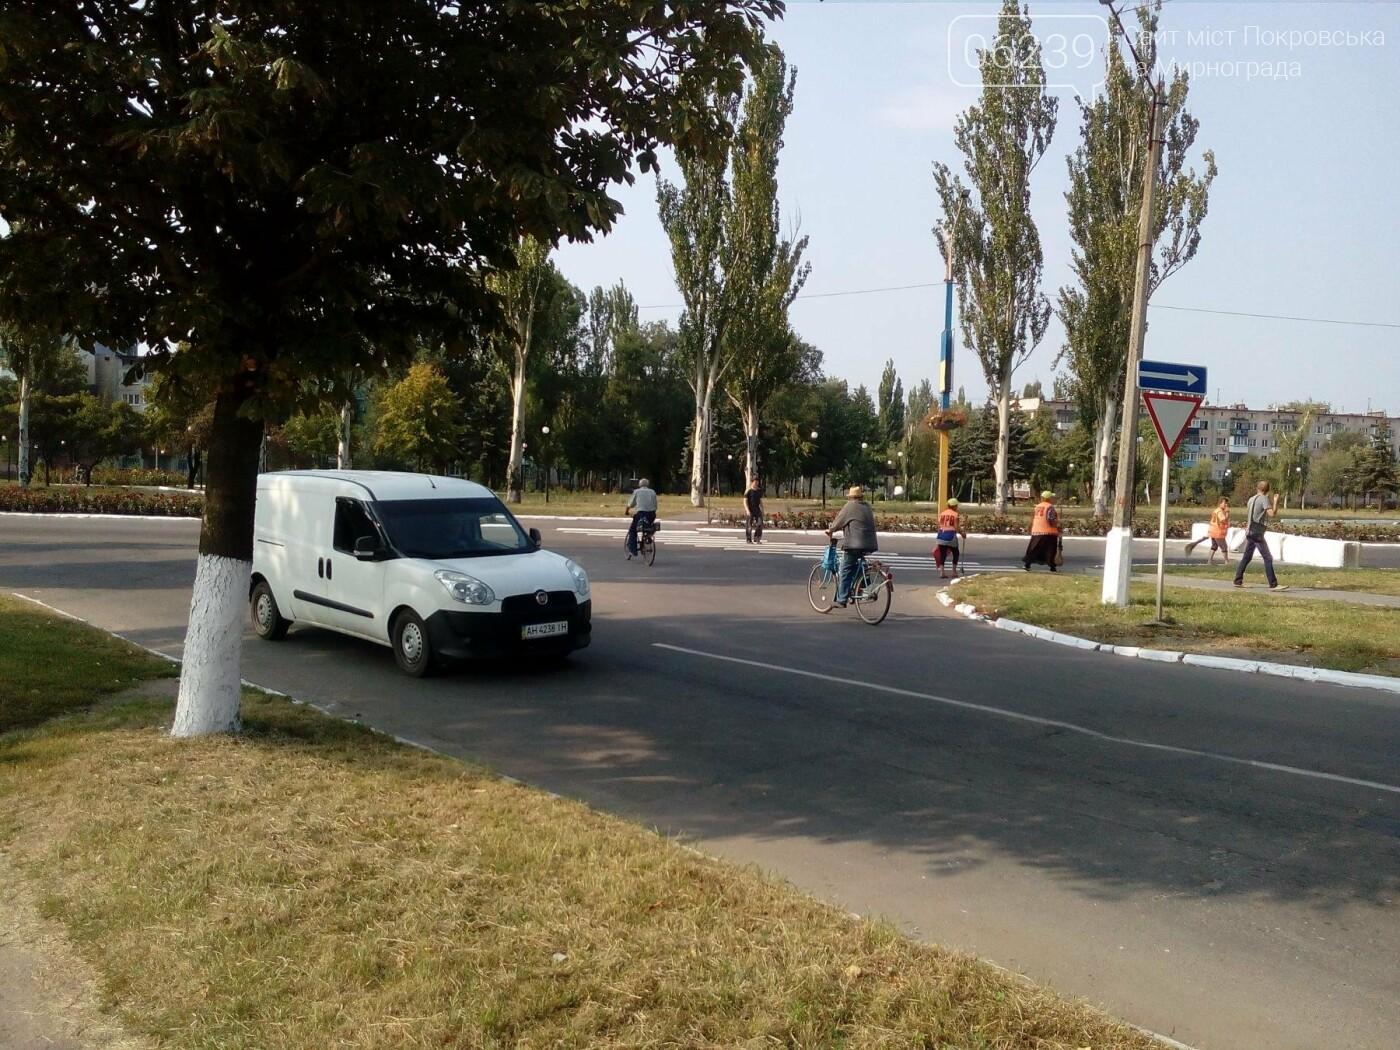 В Покровске перекрыли движение в районе кольца - по части улицы Защитников Украины, фото-4